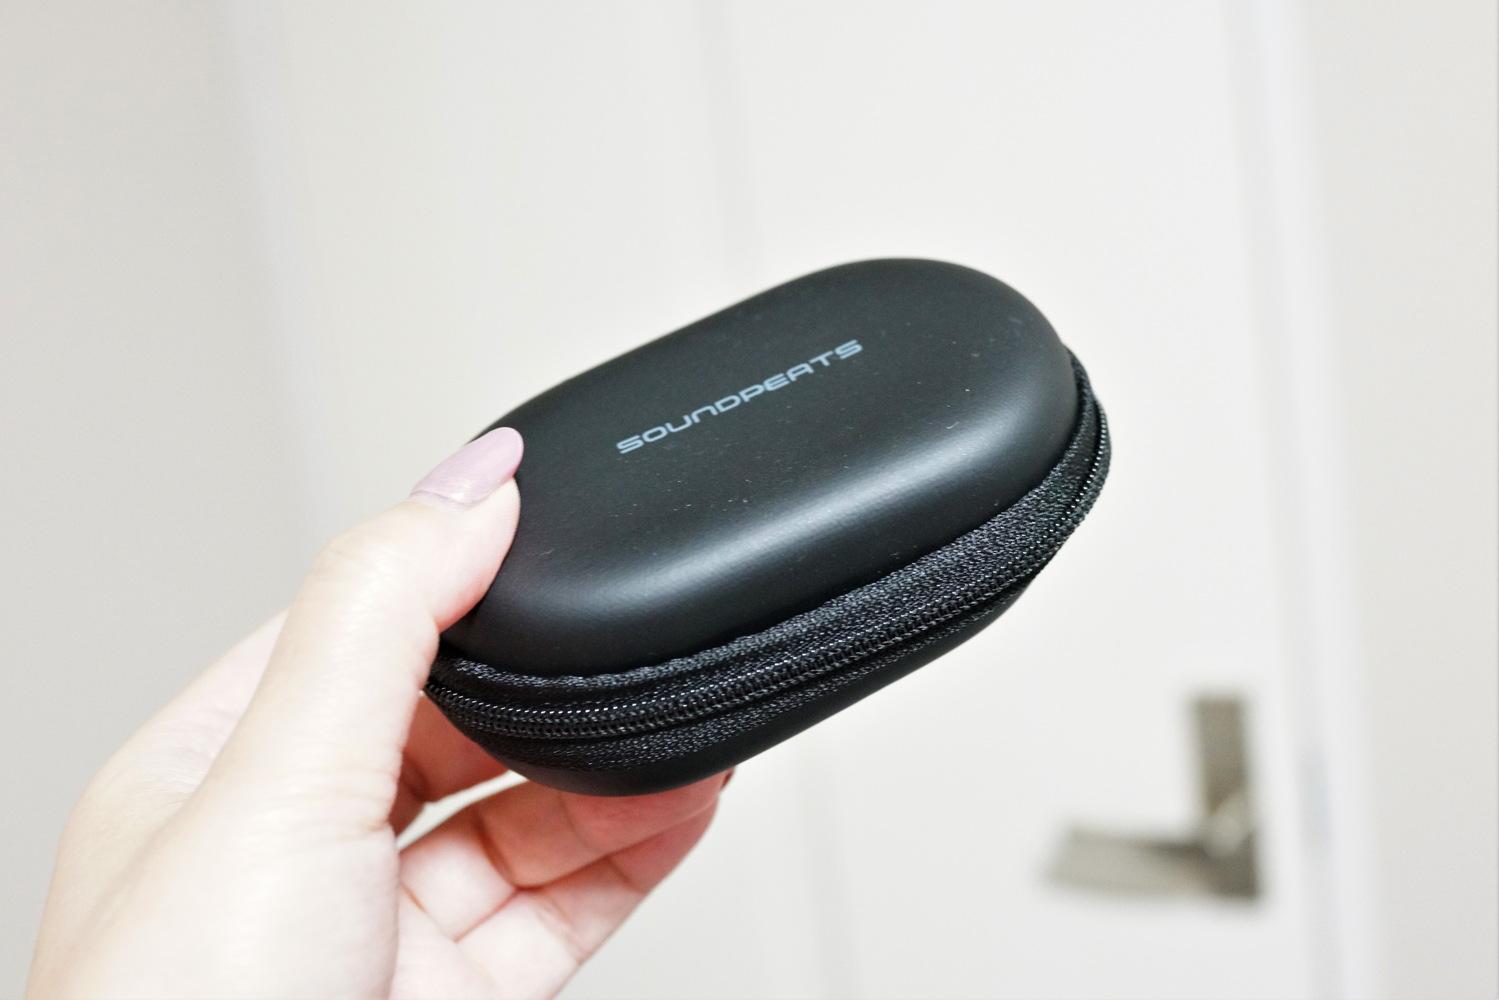 SoundPEATS(サウンドピーツ) Q35 HD Bluetooth5.0 イヤホンレビュー